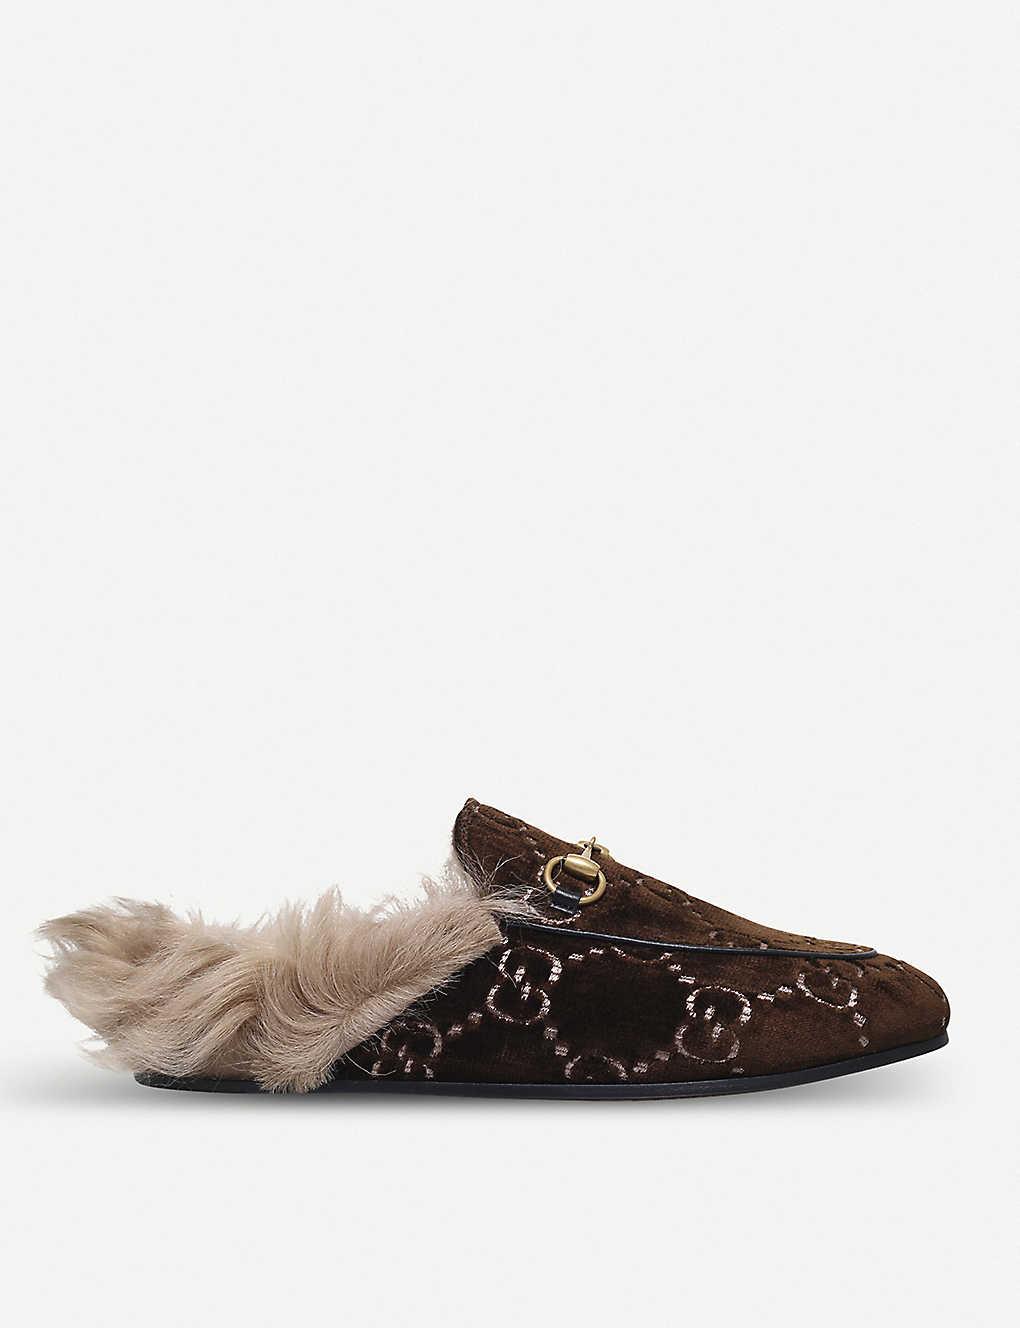 fbde3262d83 Princetown GG velvet slippers - Dkbrn com ...